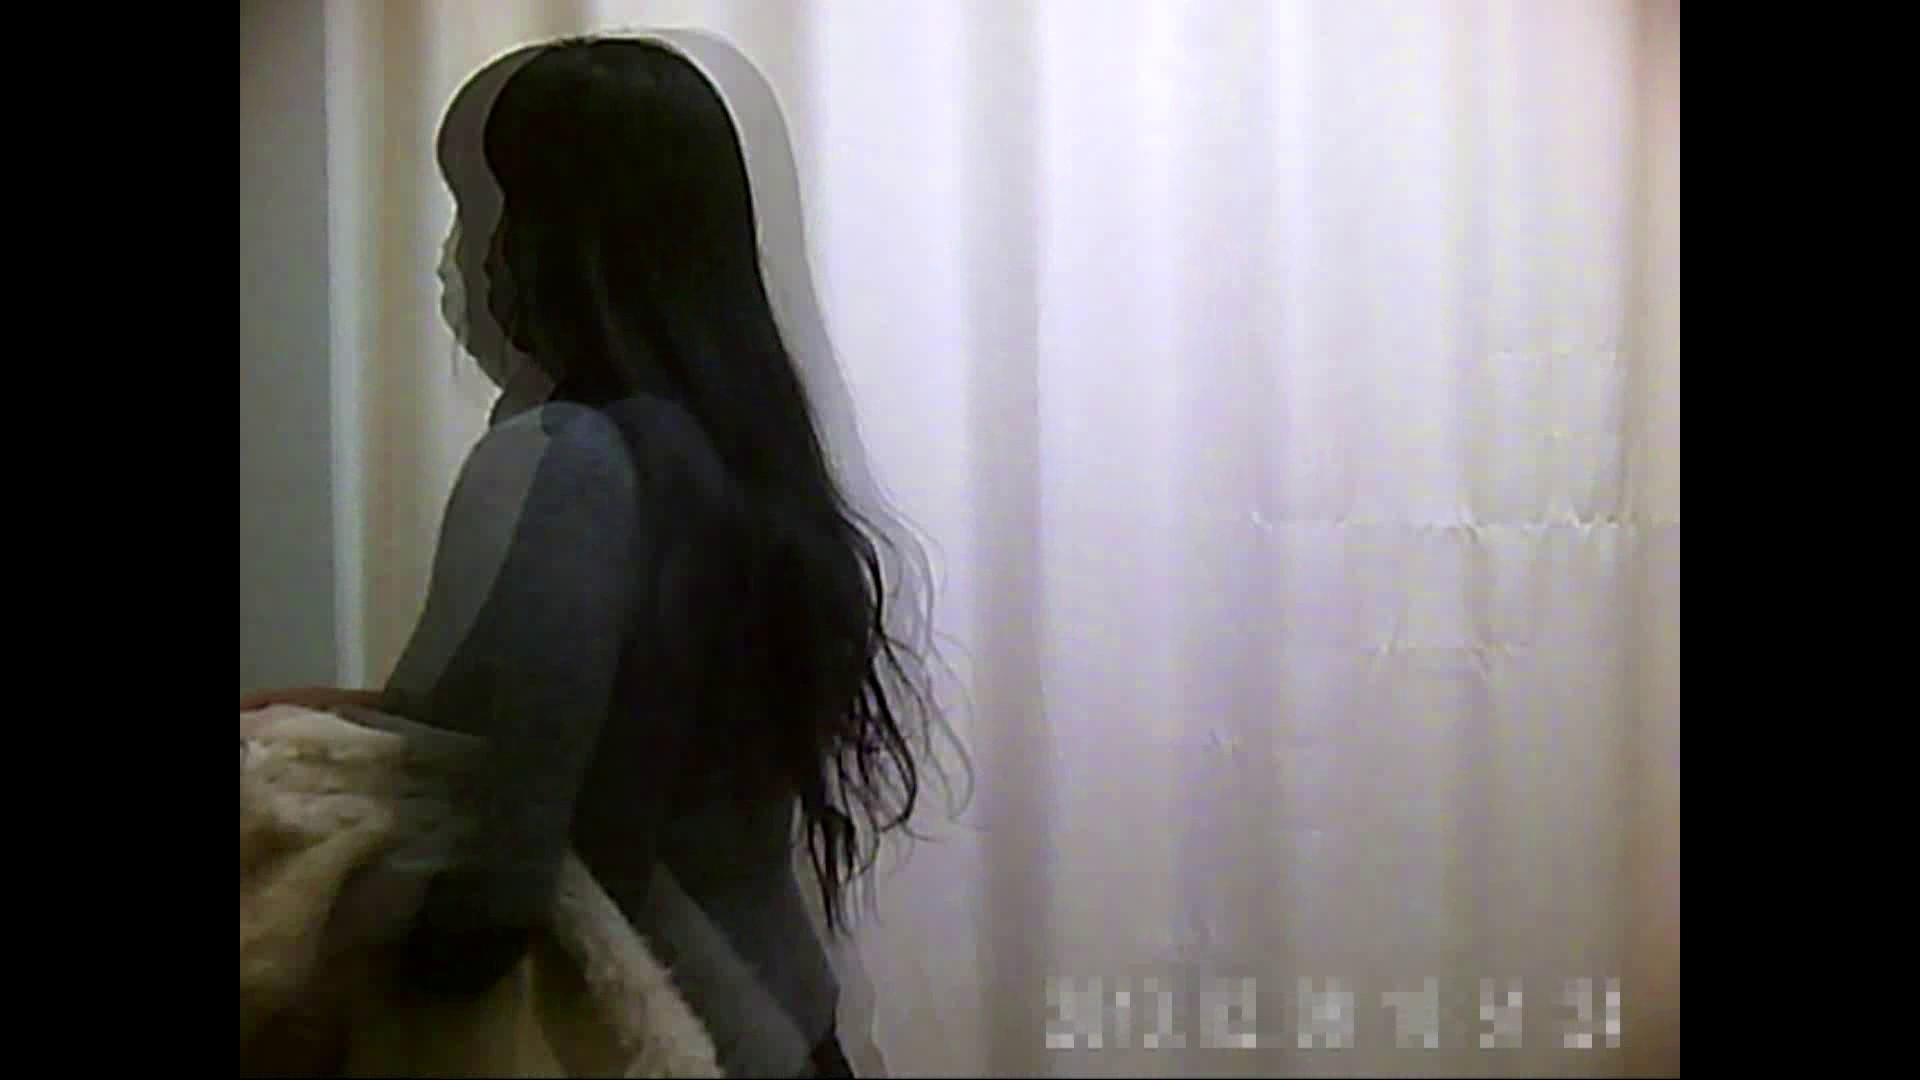 病院おもいっきり着替え! vol.148 巨乳 盗撮おまんこ無修正動画無料 88PICs 6